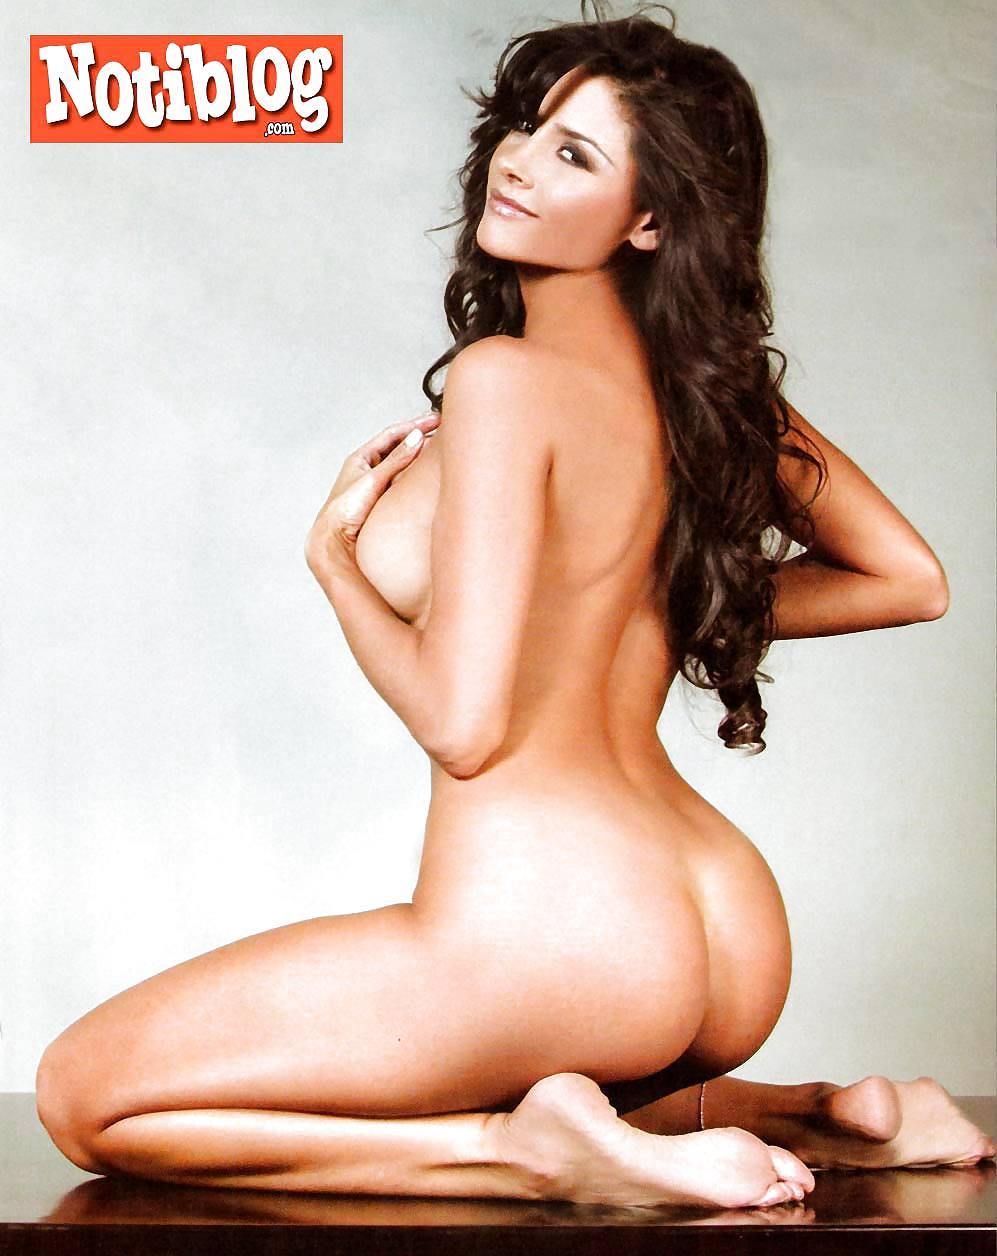 Dorismar Nude The Fappening